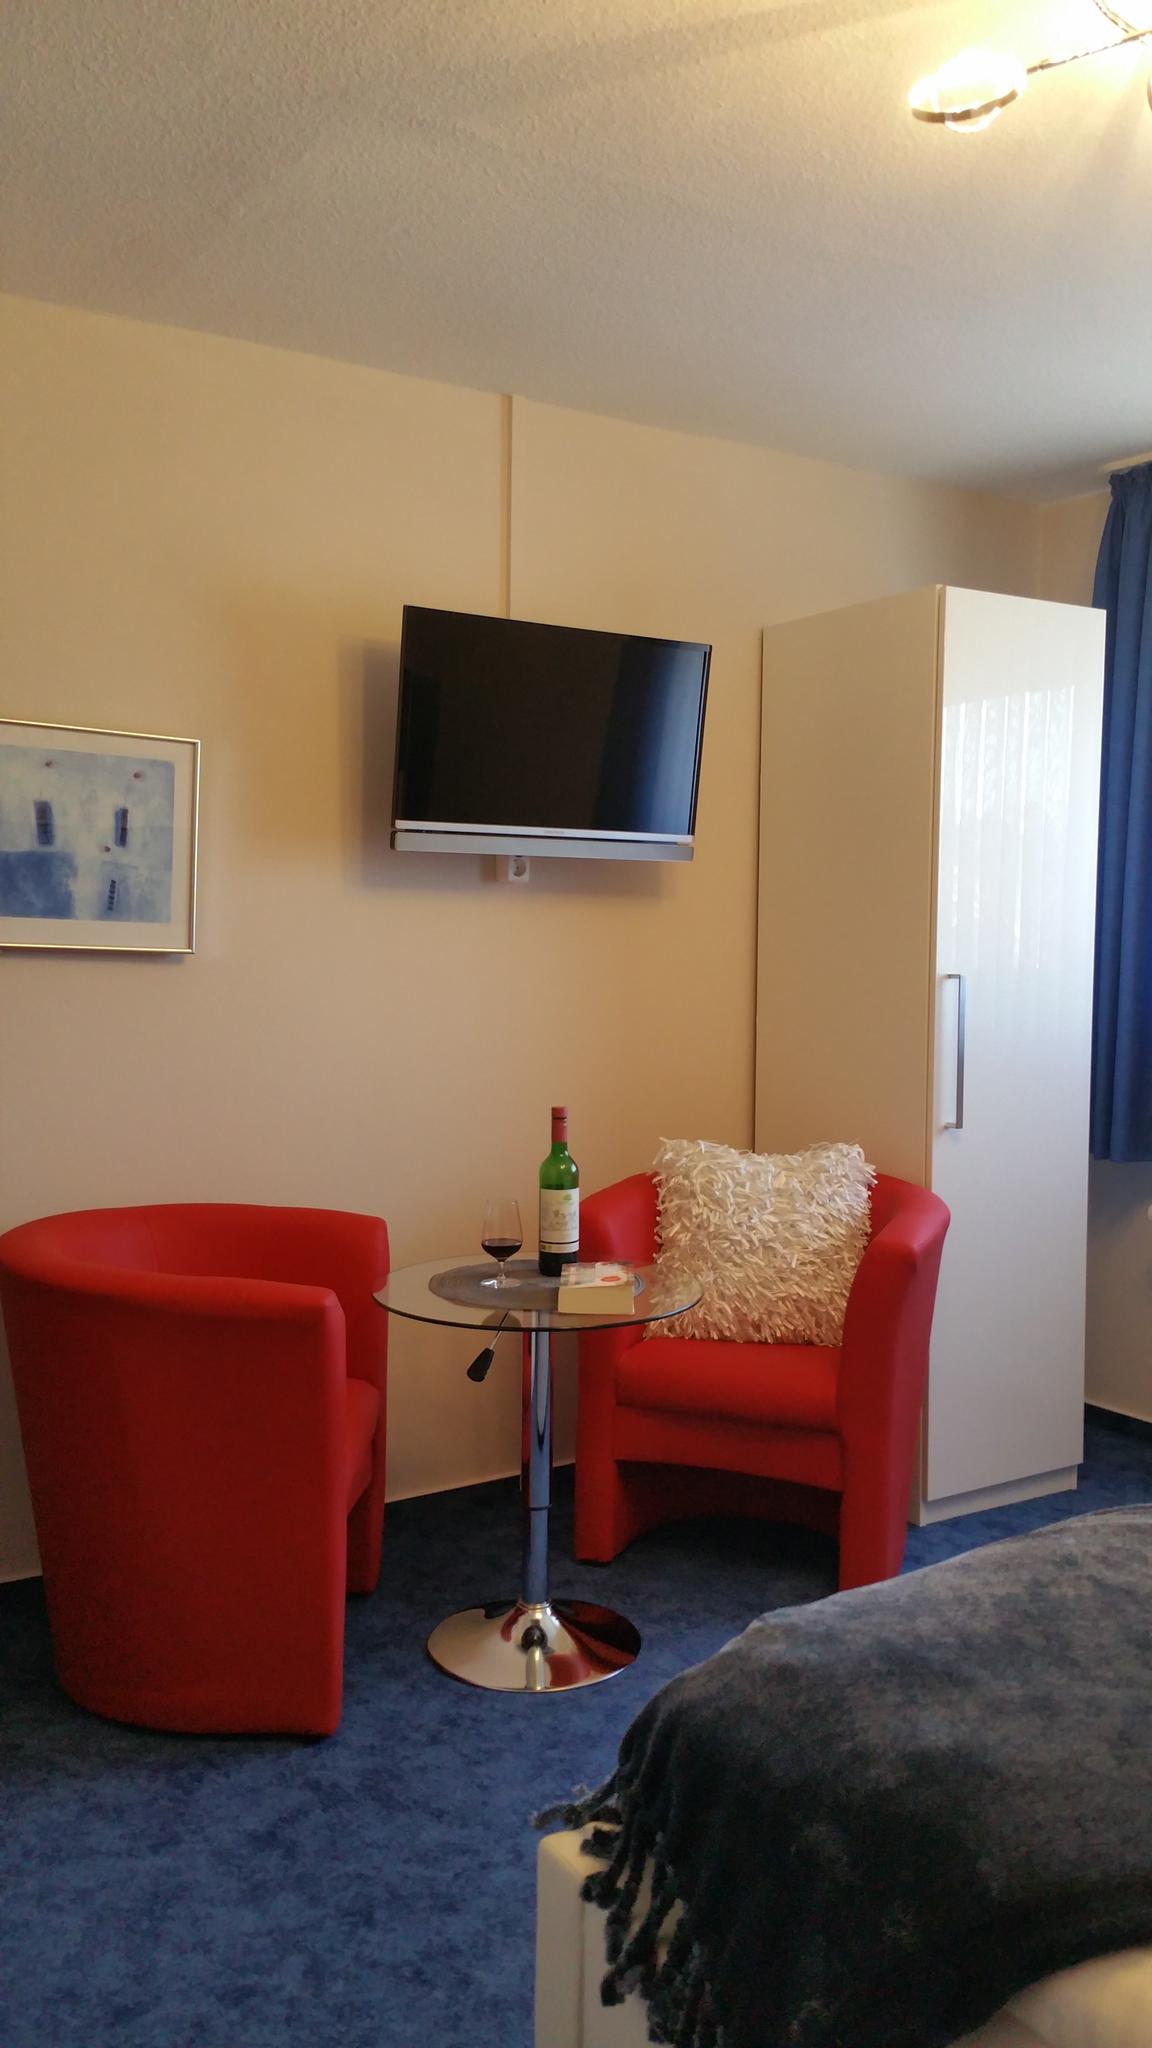 Deluxe Zimmer 7 - relaxen oder arbeiten - beides möglich am höhenverstellbaren Drehtisch!